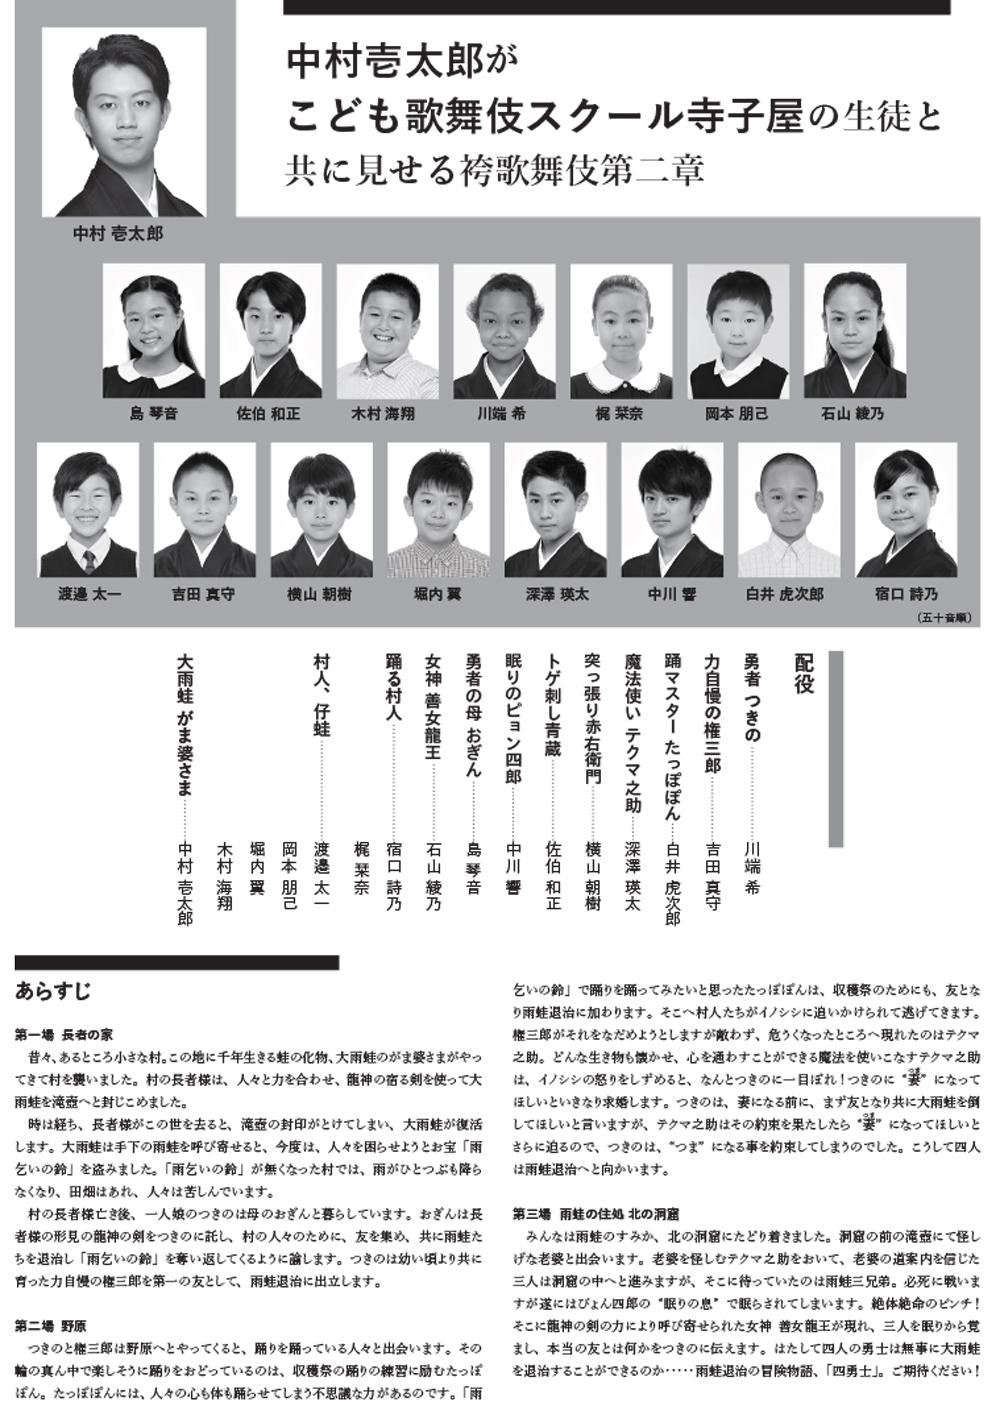 jiyukenkyu_0801chirashi2.jpg